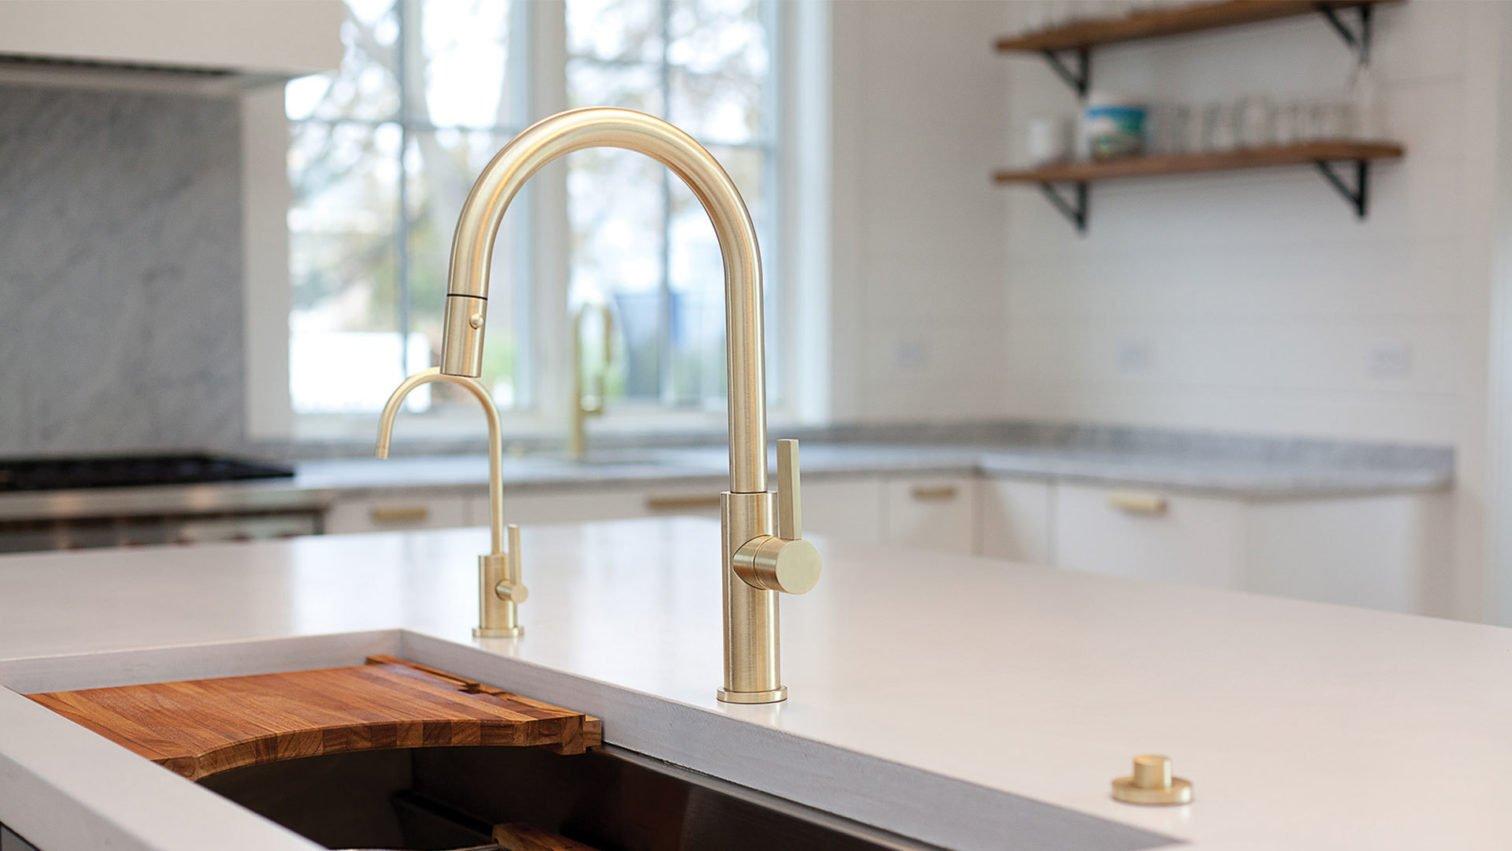 Corsano kitchen ensemble in satin brass on white marble counter